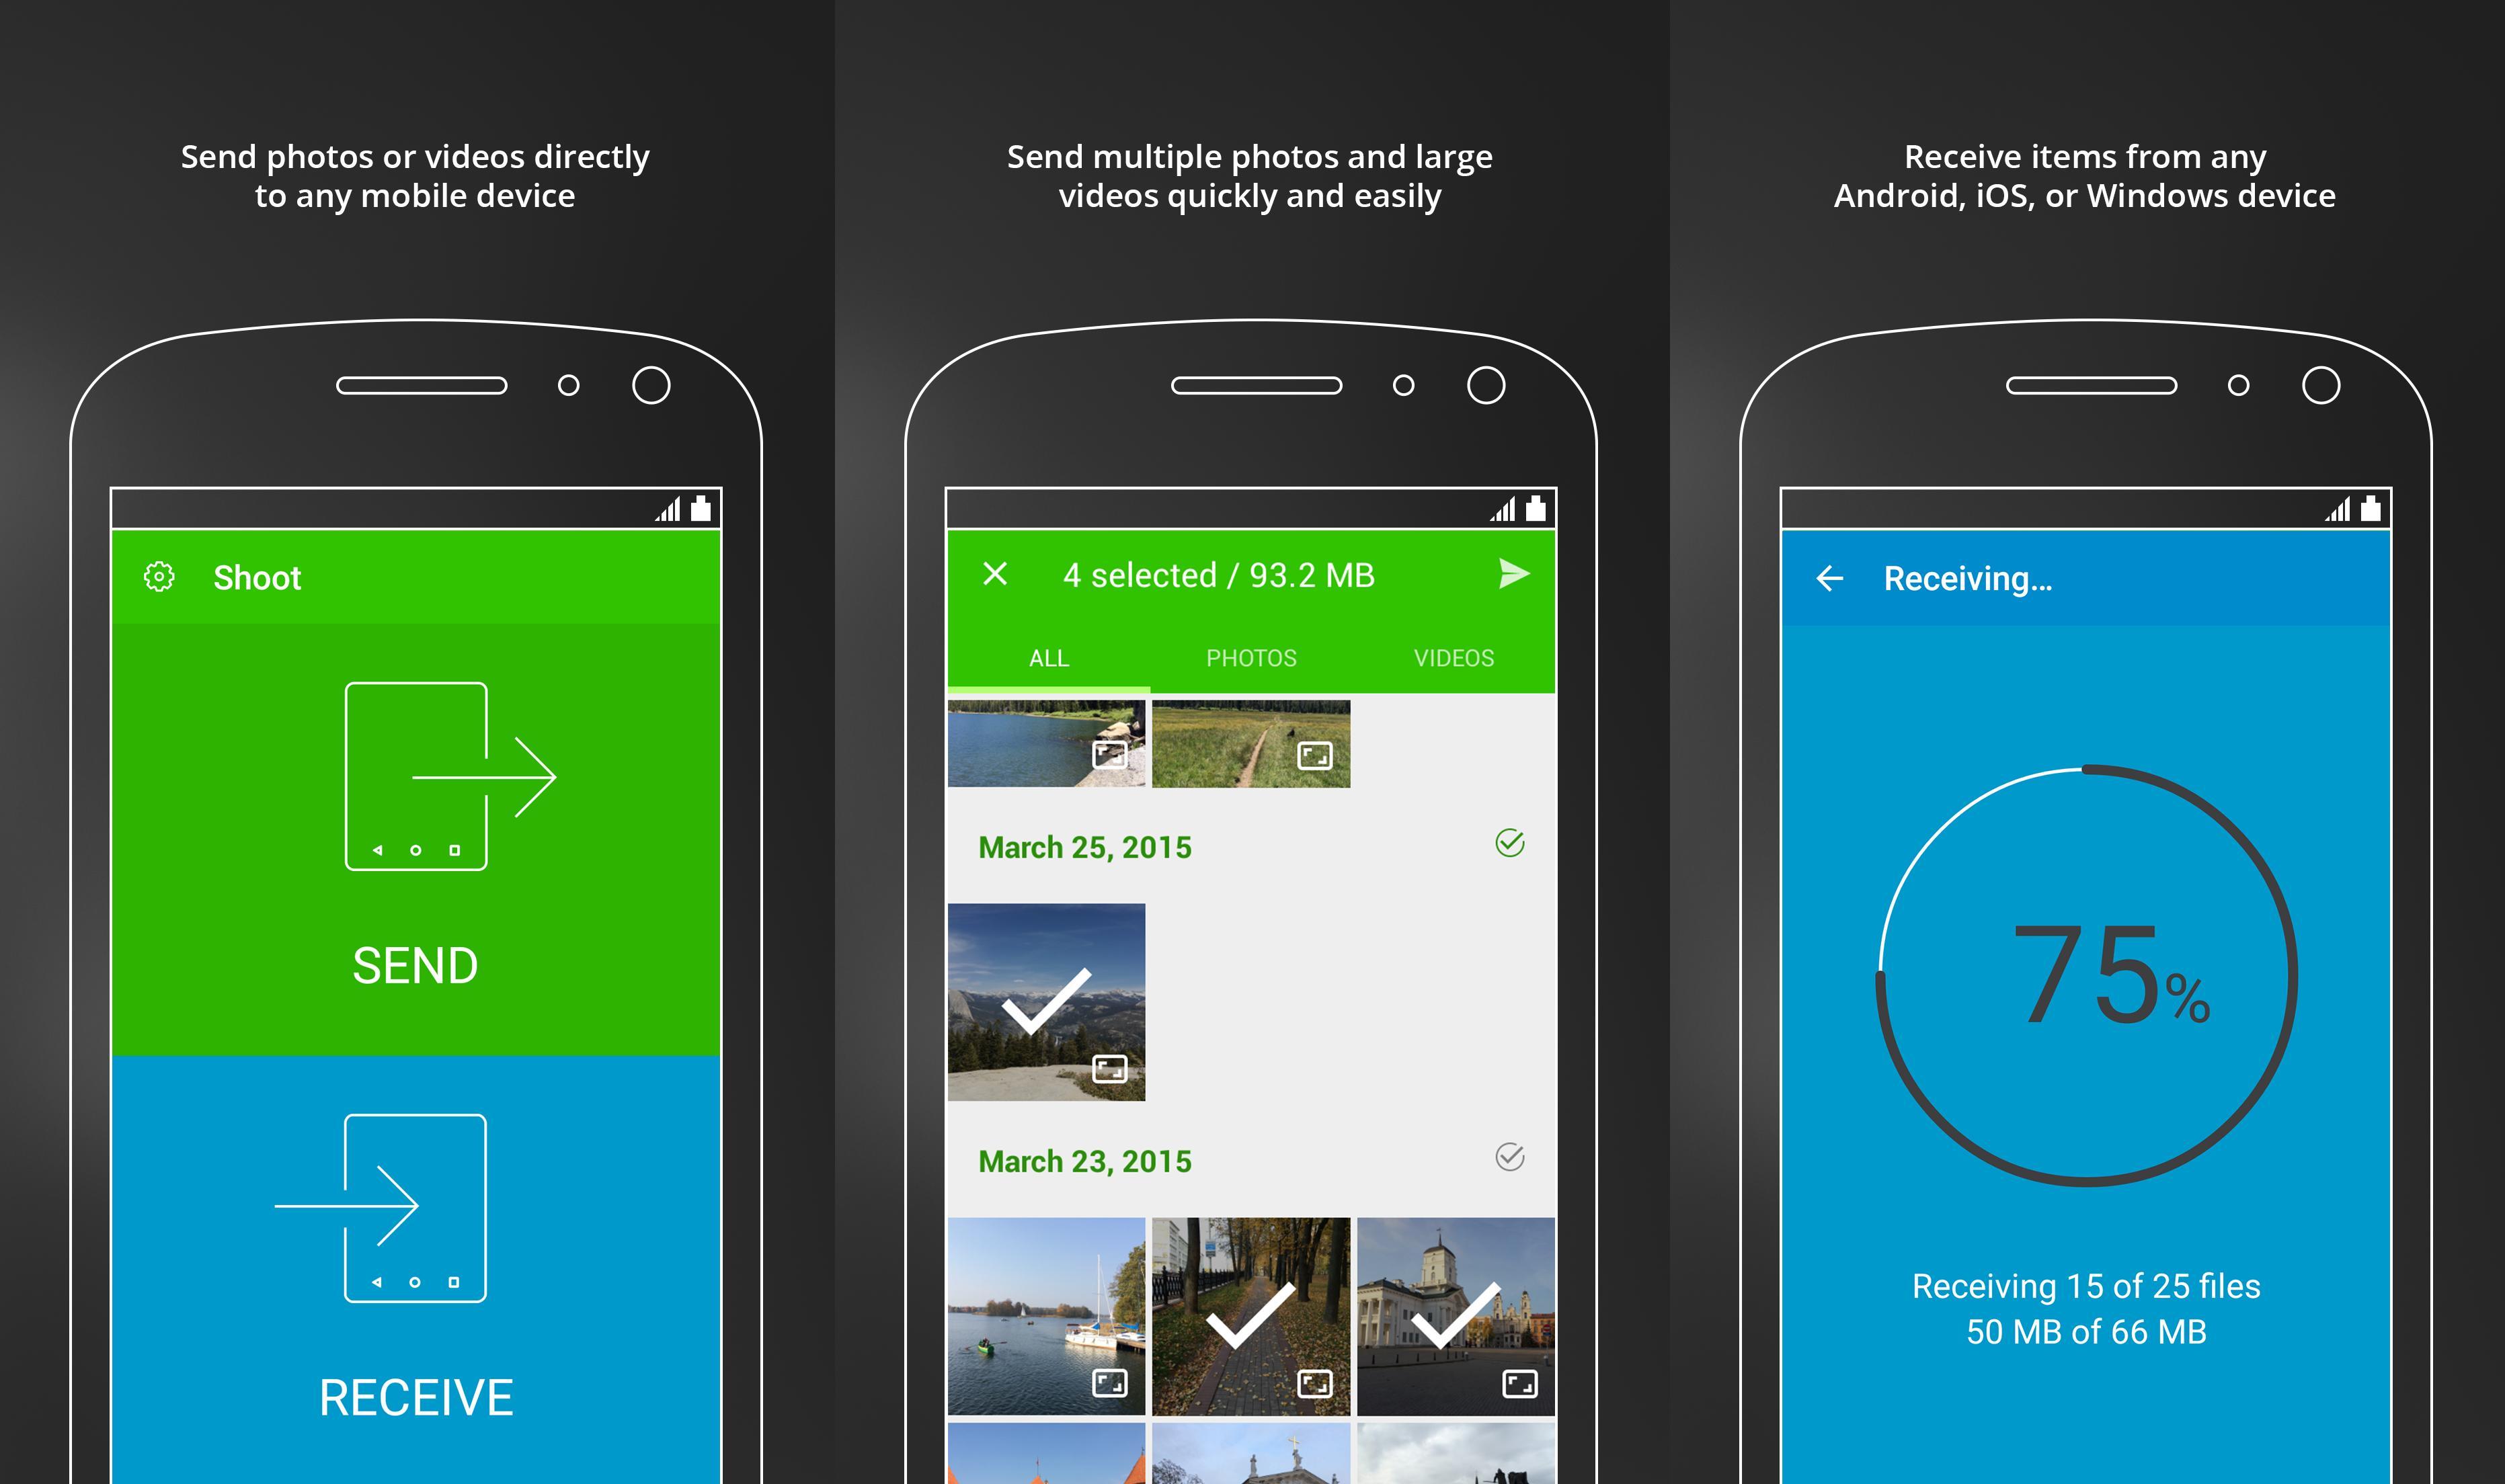 แชร์ไฟล์บนสมาร์ทโฟนด้วยแอพ BitTorrent Shoot